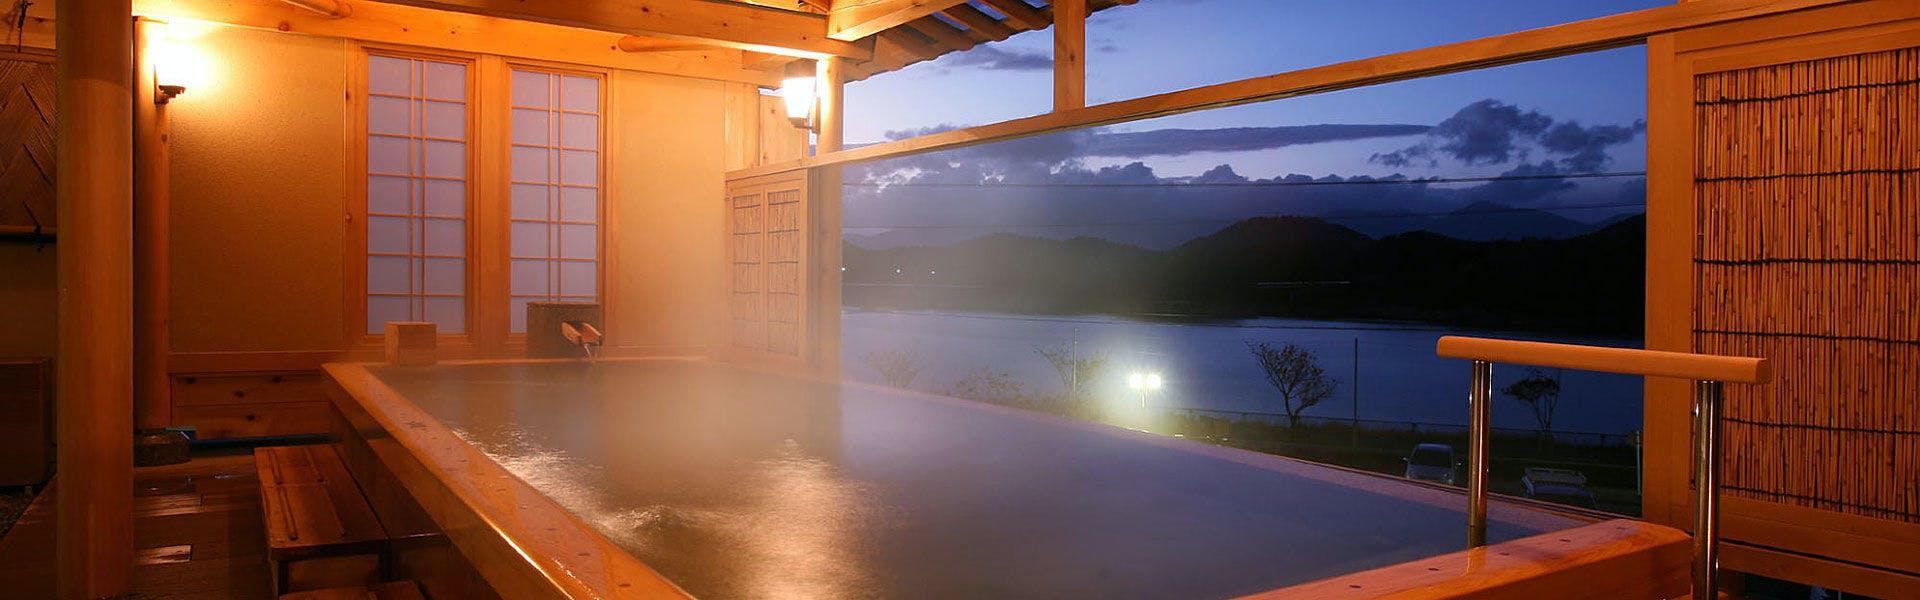 記念日におすすめのホテル・盛岡つなぎ温泉 ホテル紫苑の写真3